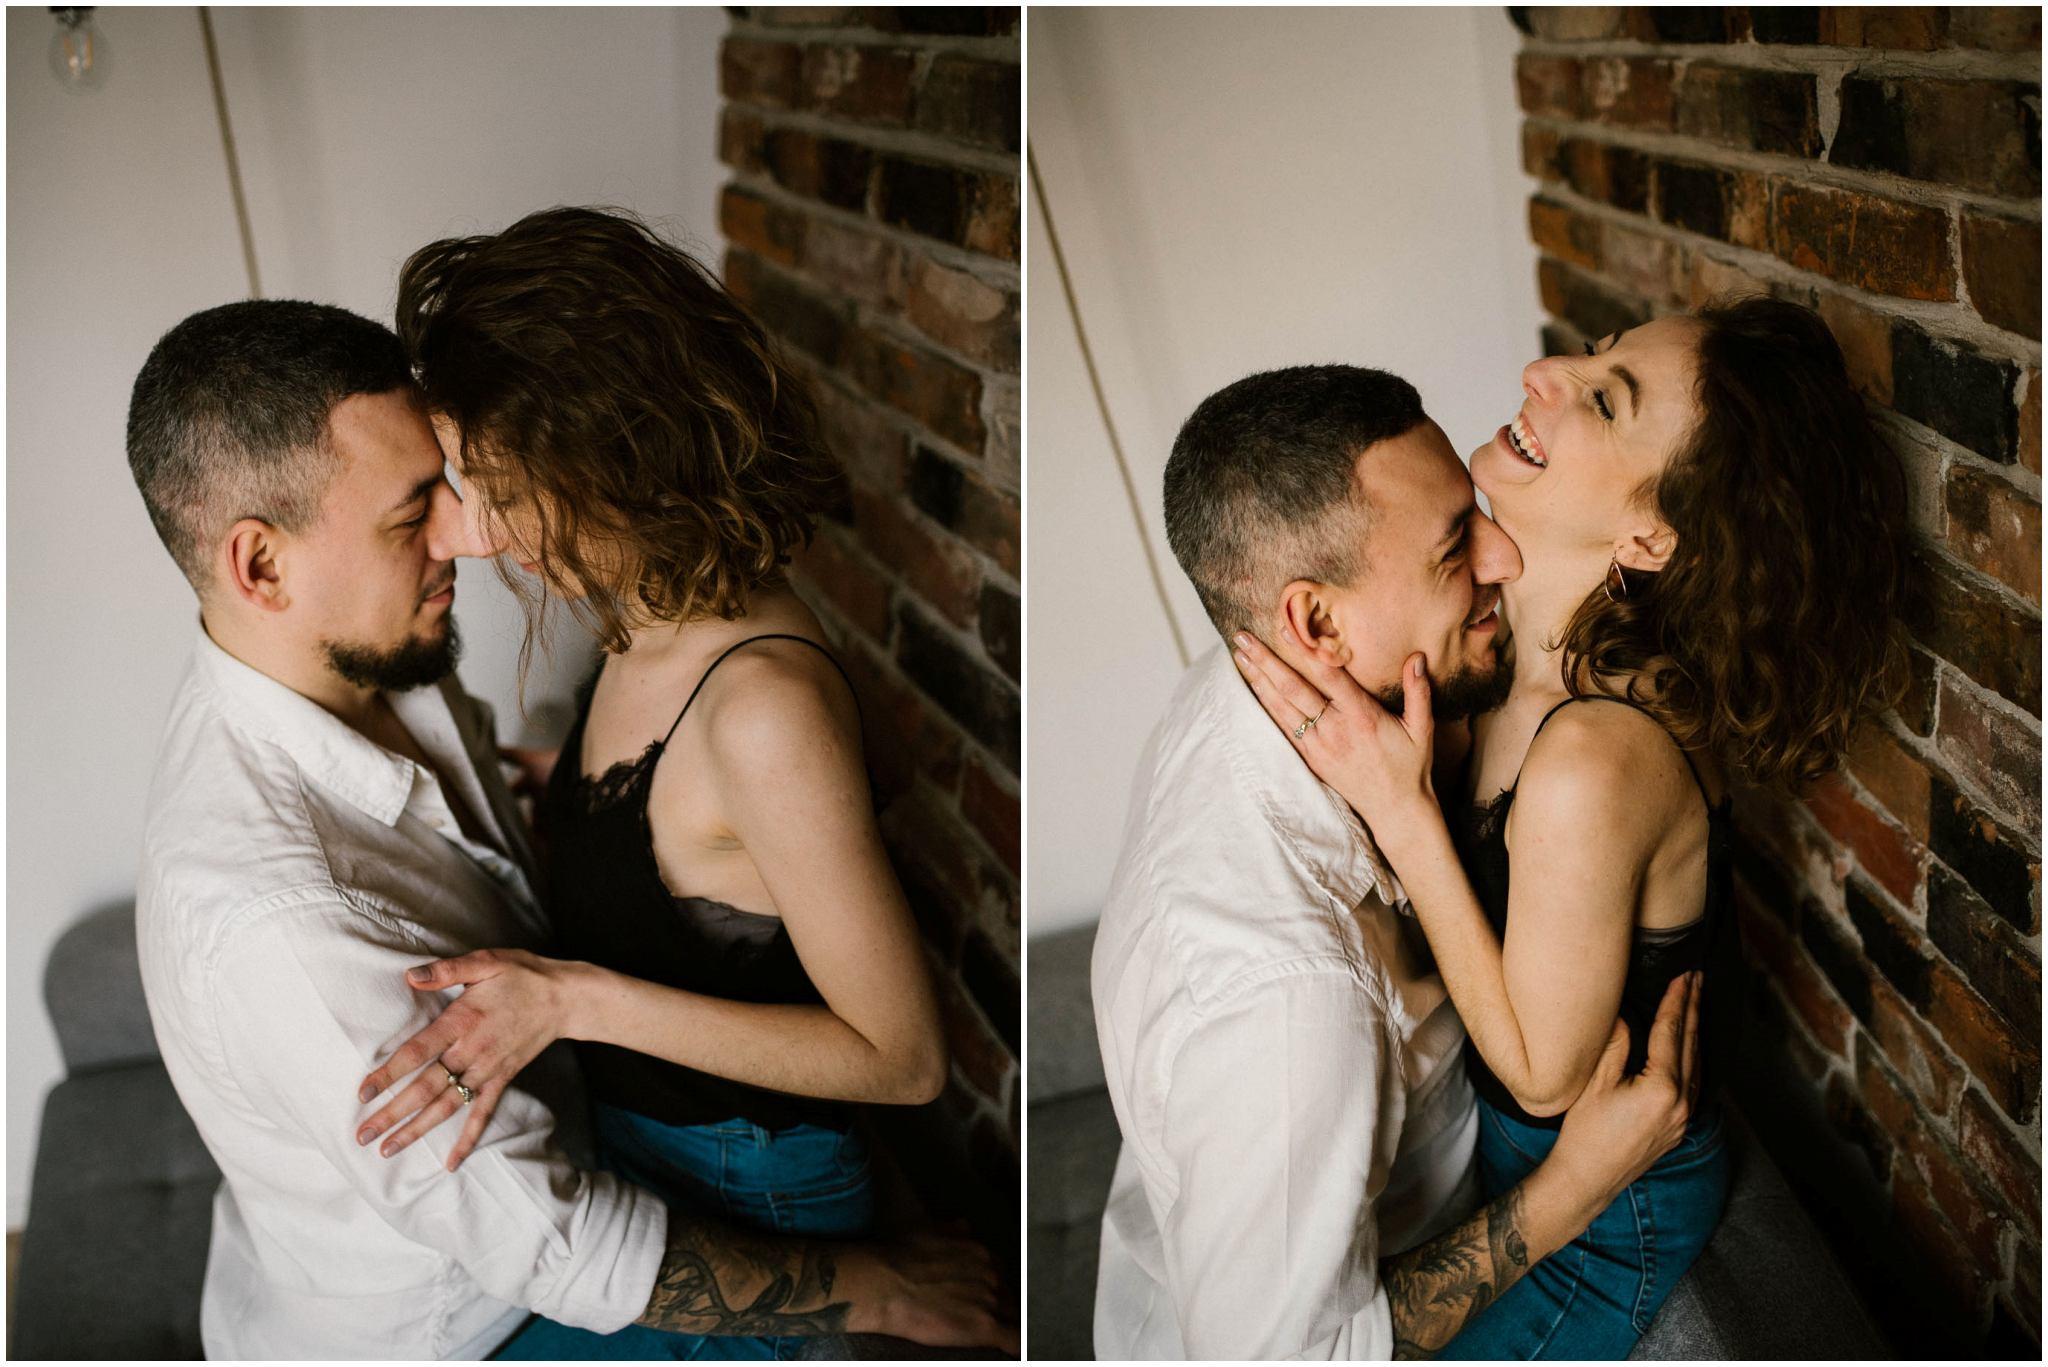 Para przytula się i całuje stojąc przy ścianie - sesja sensualna pary lifestyle w Poznaniu